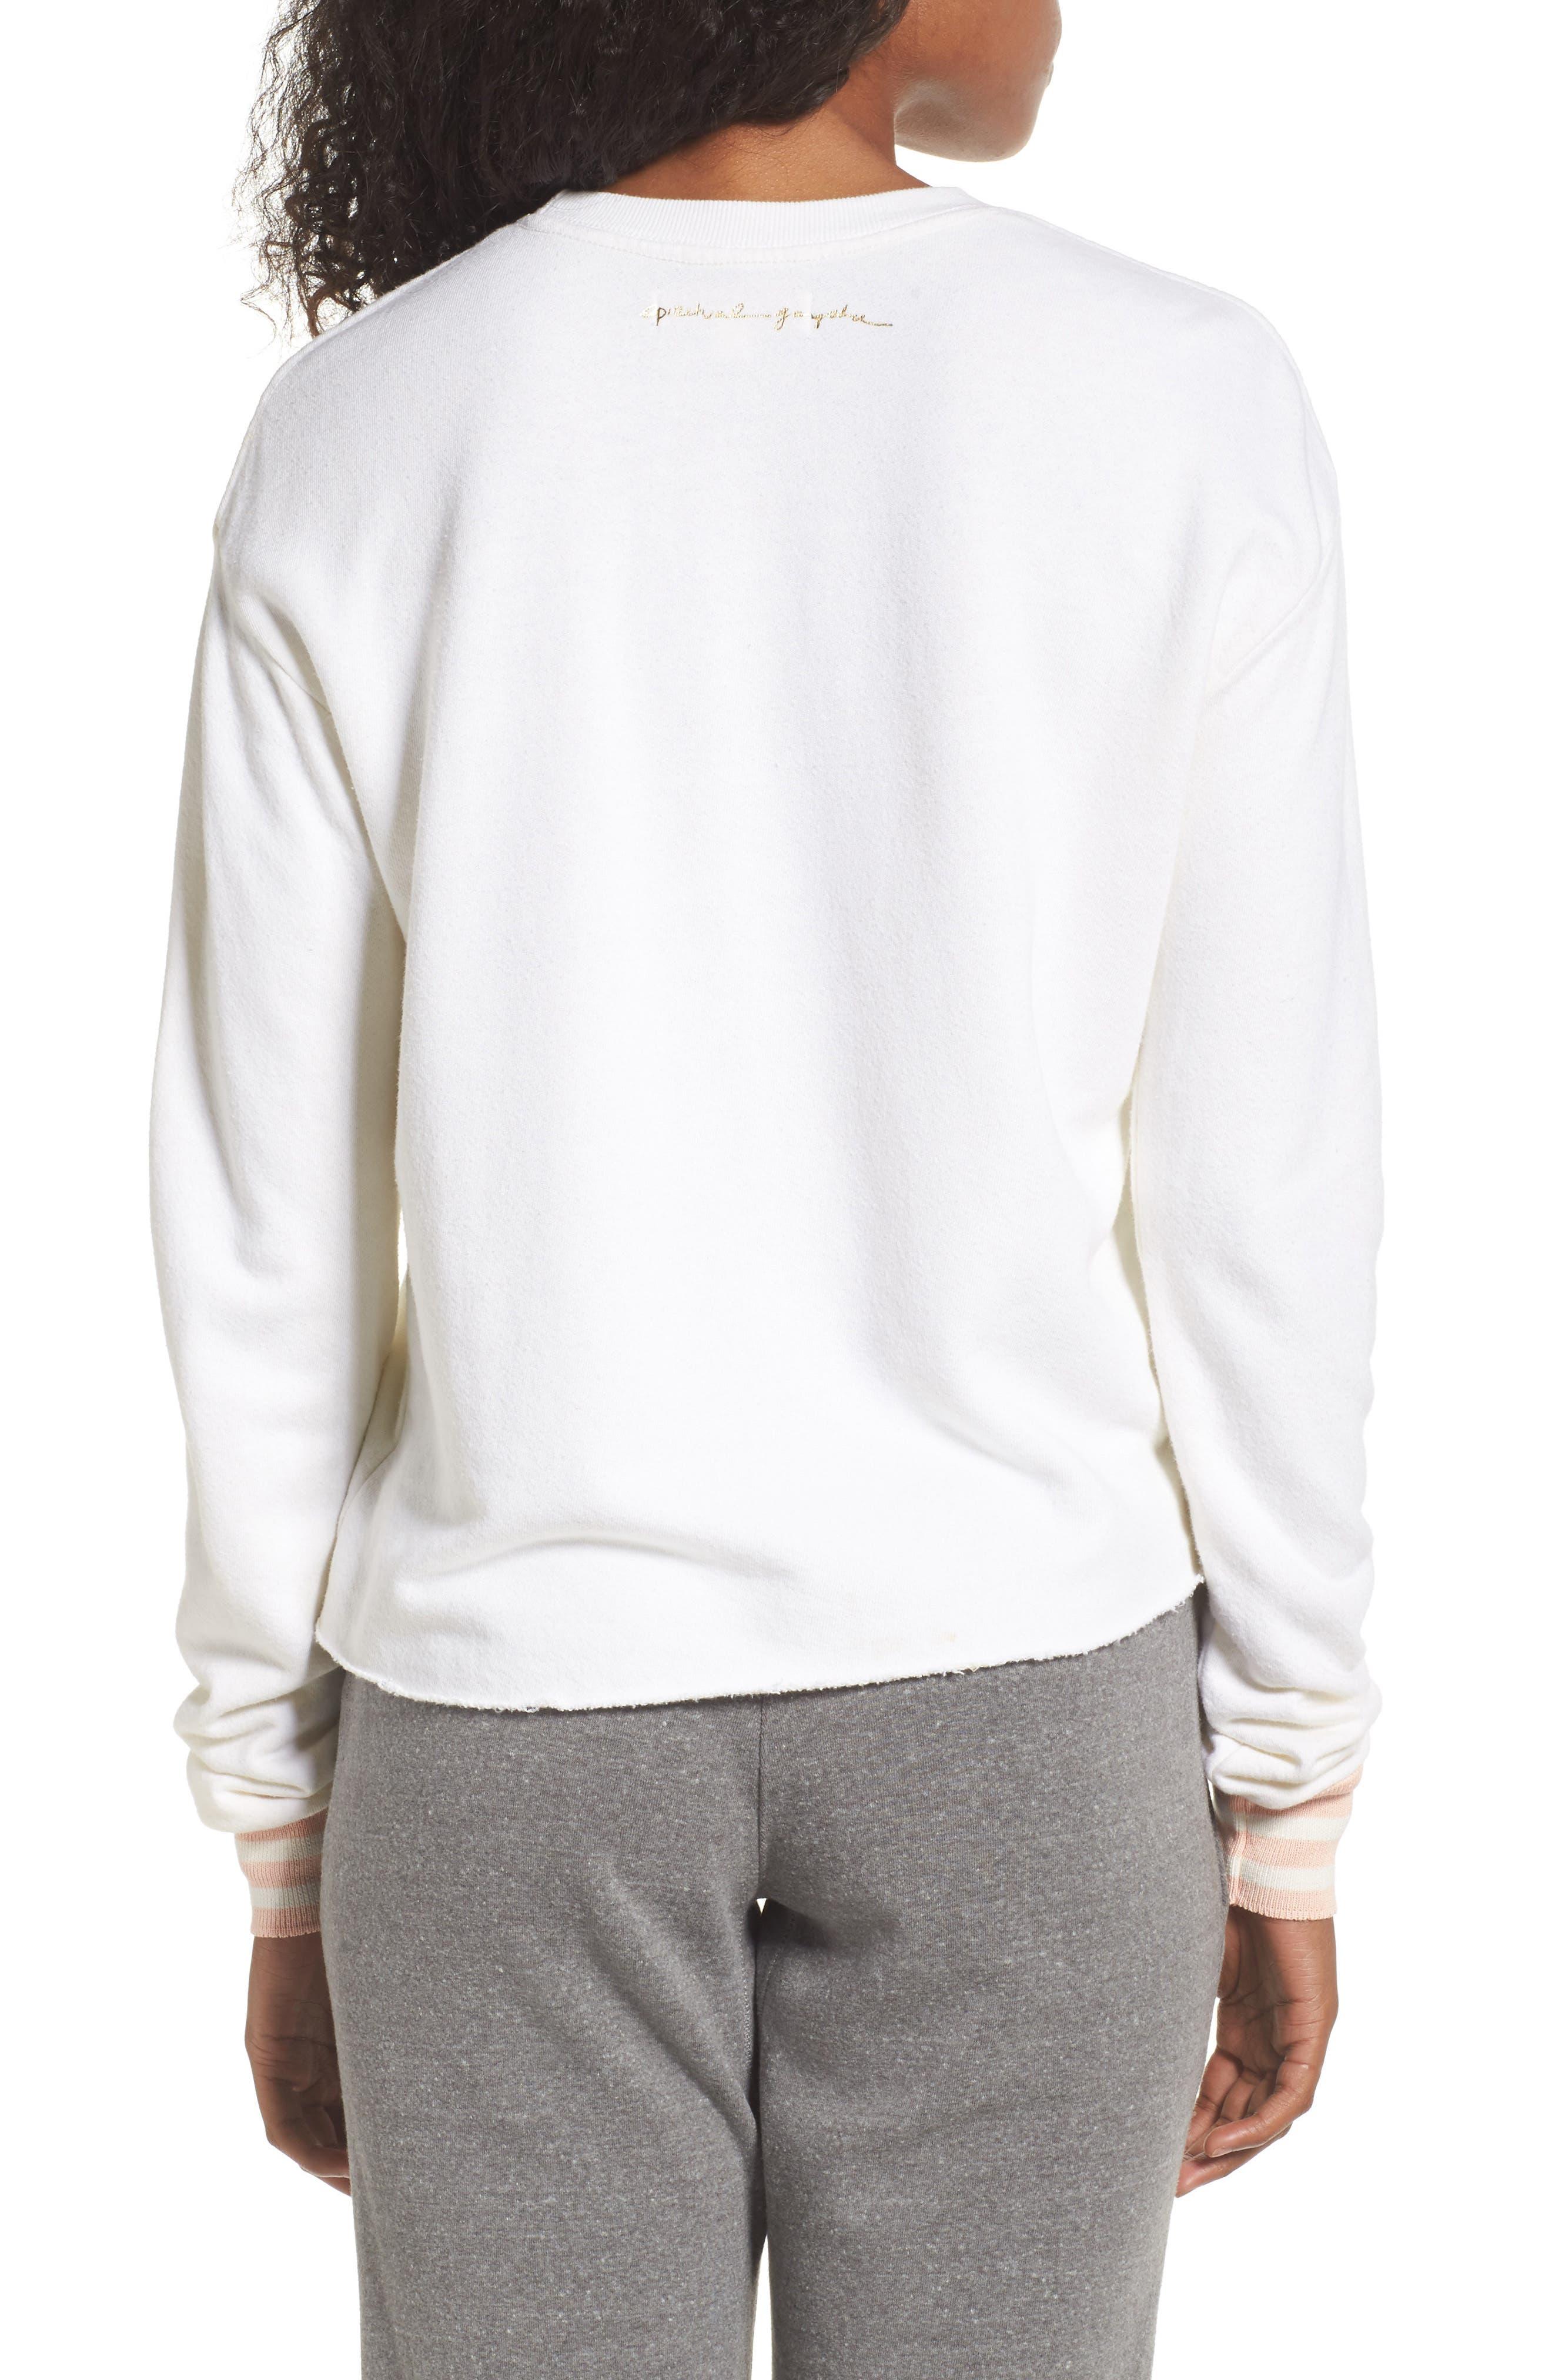 Free Spirit Crop Sweatshirt,                             Alternate thumbnail 2, color,                             114